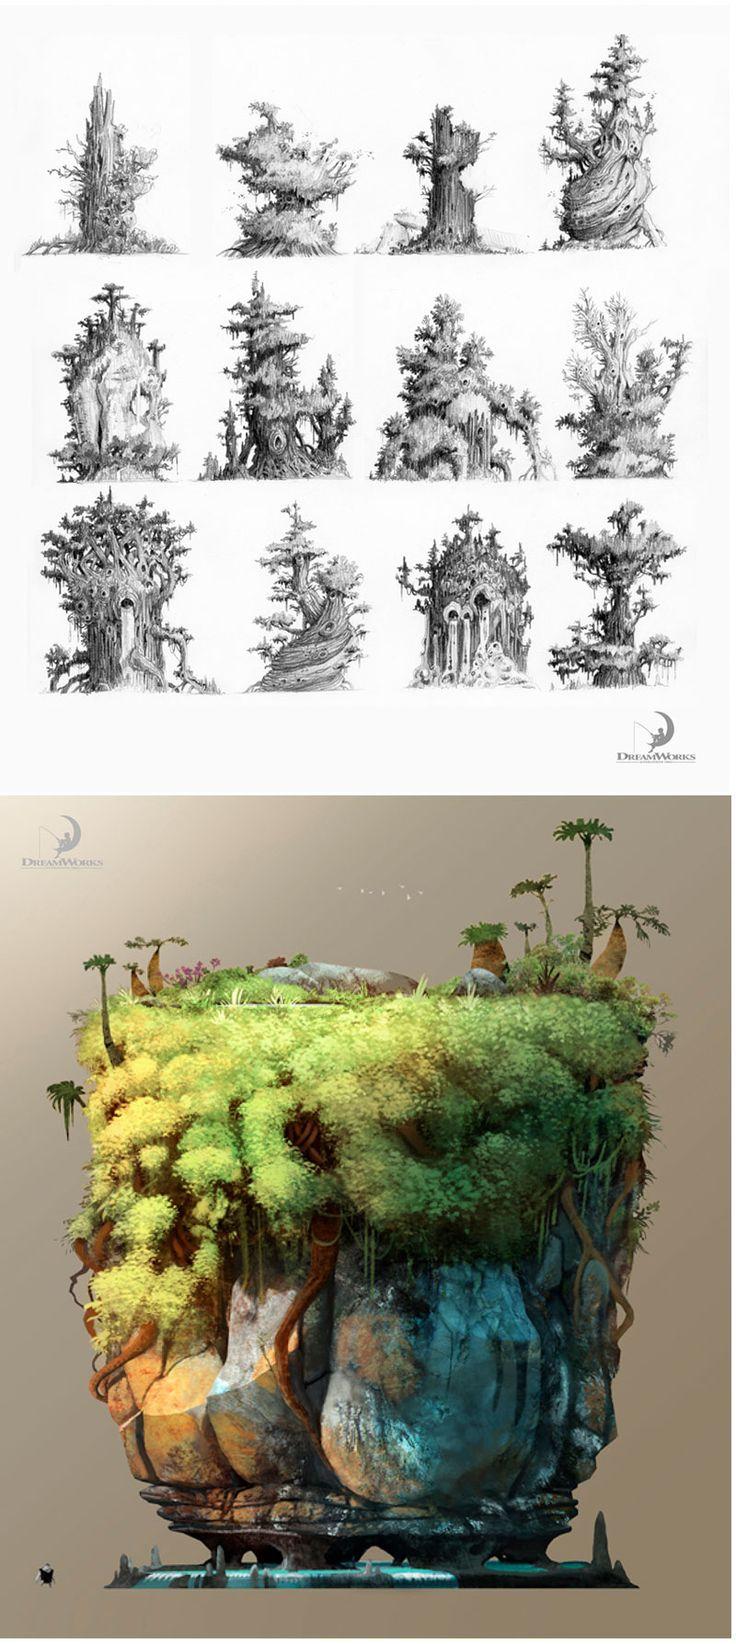 TheCroods-ConceptArt-NicolasWeis-5.jpg 800×1,788 pixels